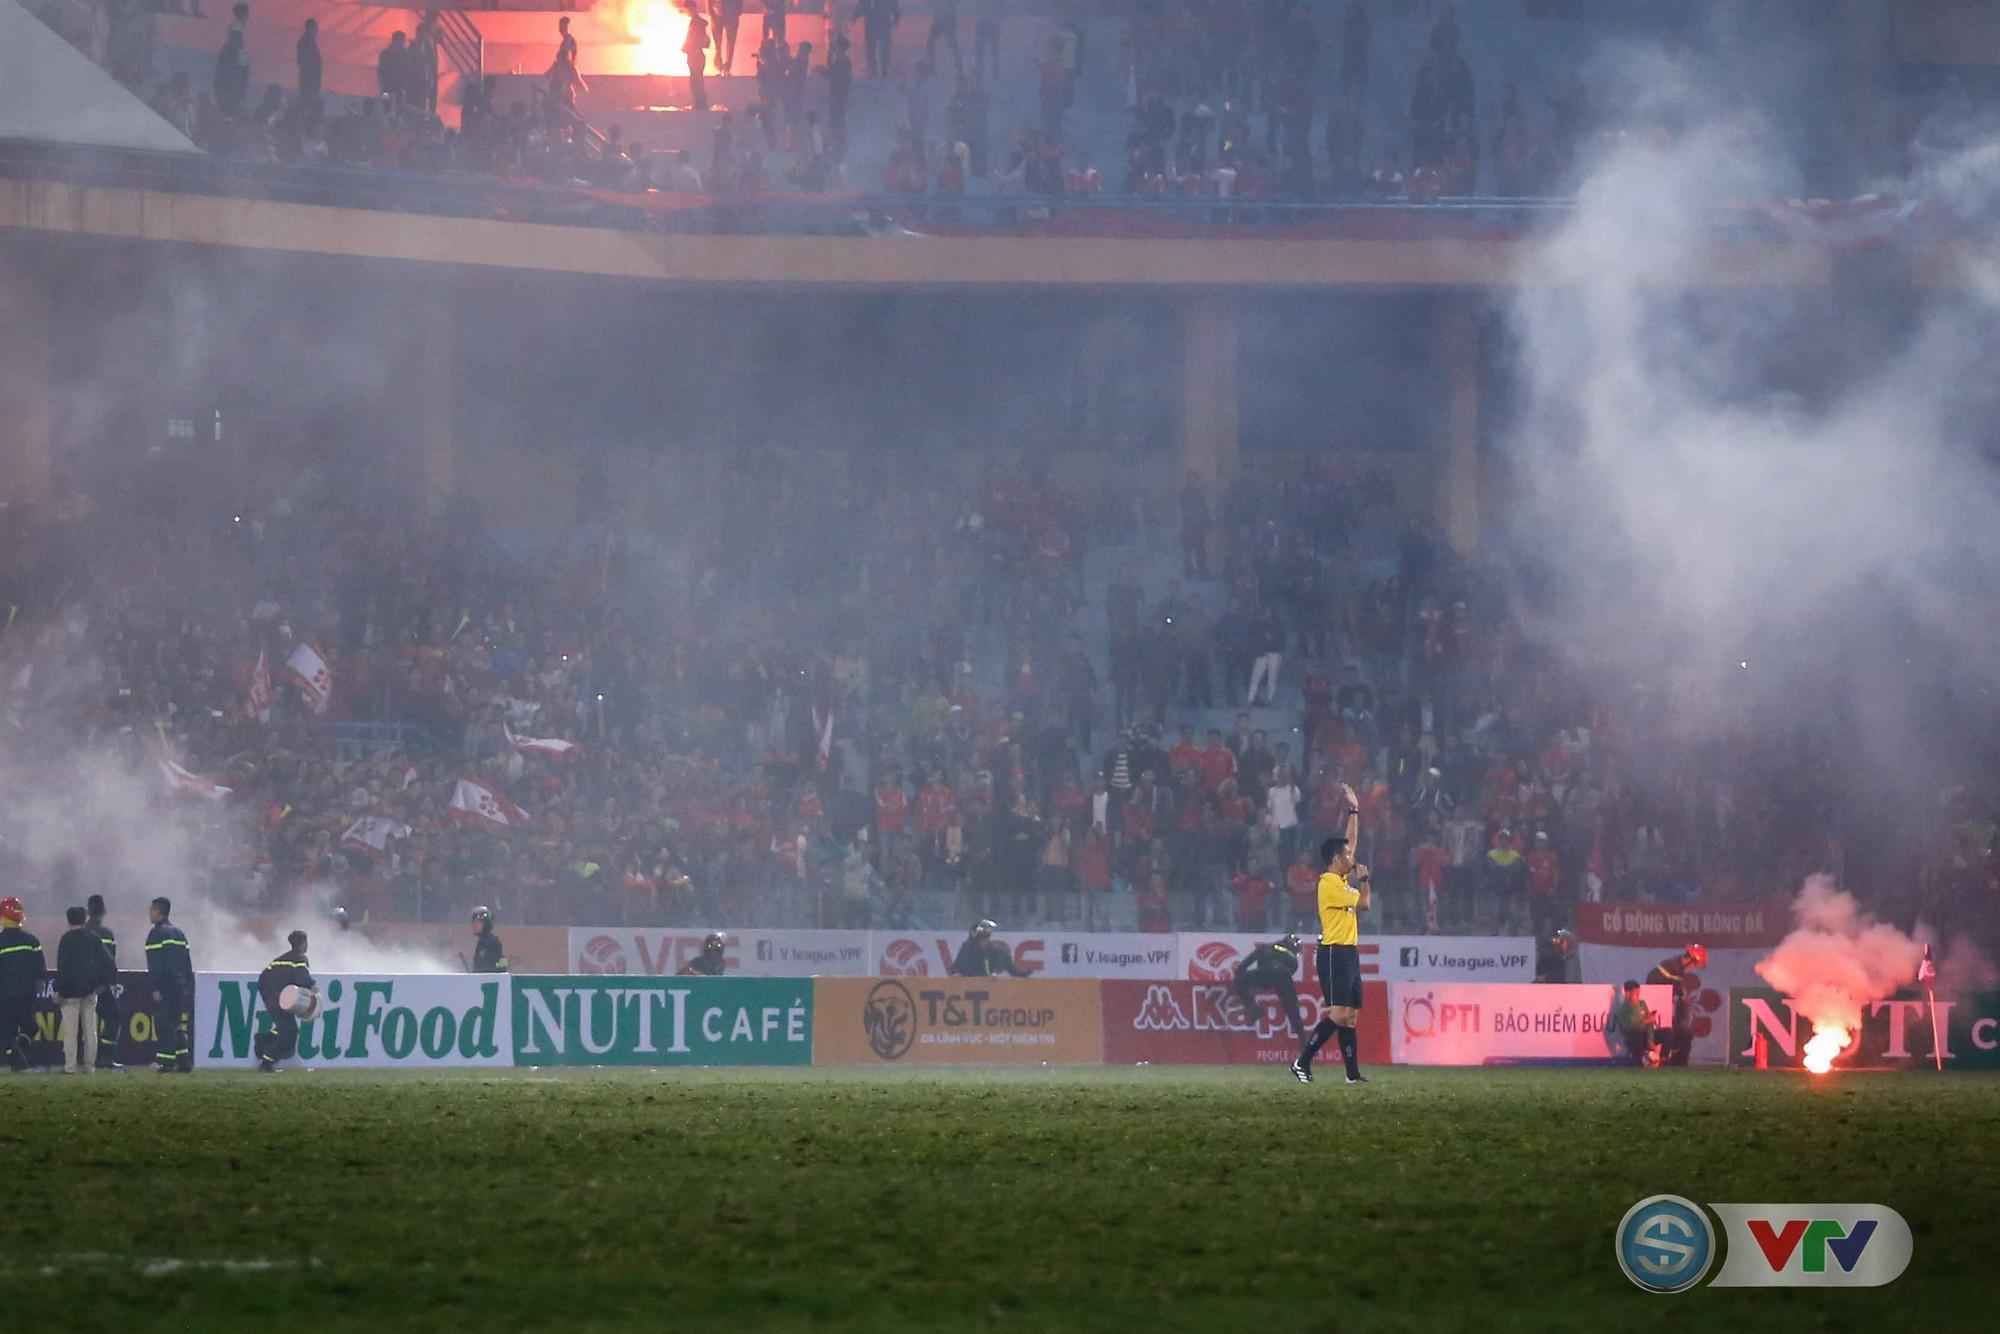 Hiệu ứng U23 Việt Nam, V.League 2018 sôi động, rực lửa và nhiều điểm nhấn - Ảnh 1.